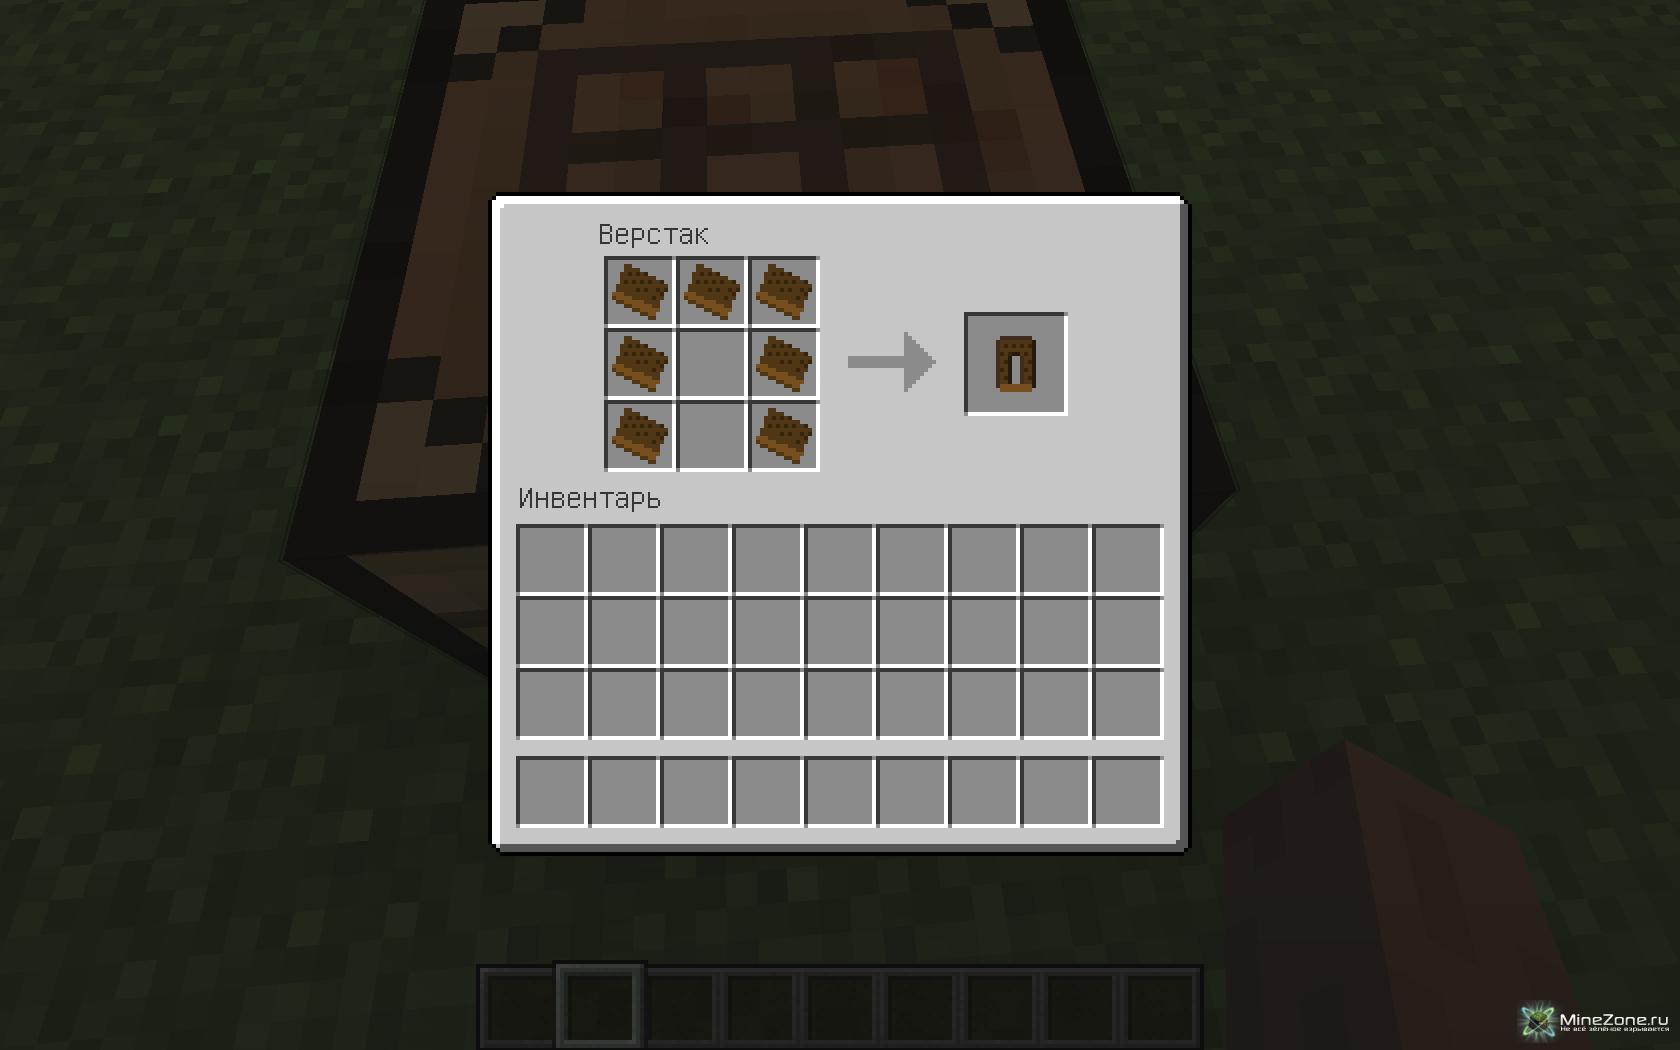 Как в майнкрафте 1.7.2 сделать седло без модов